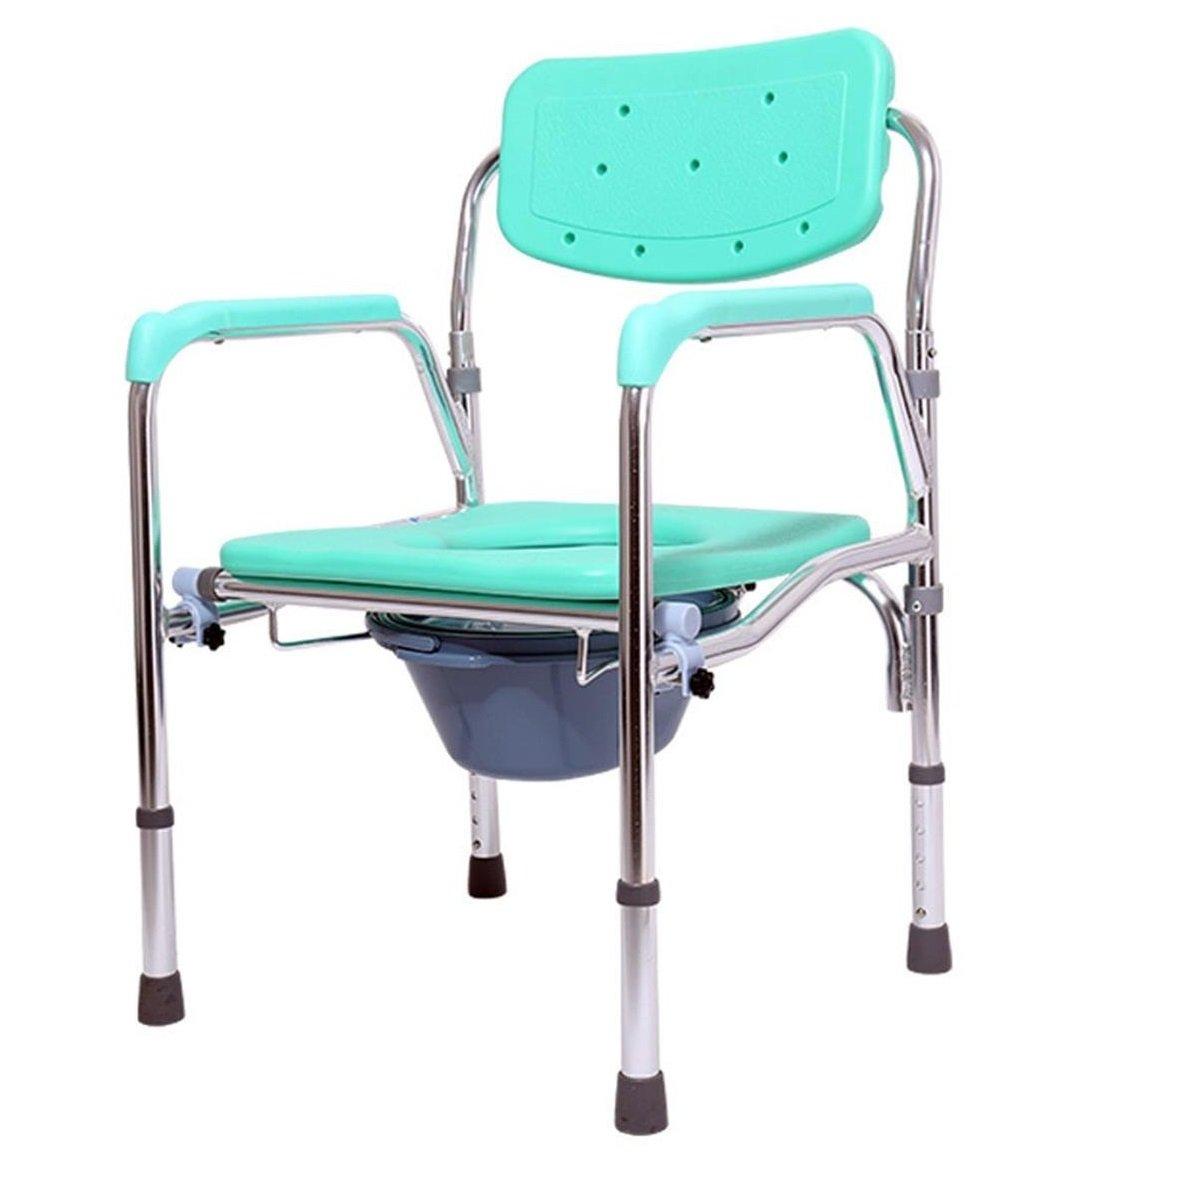 トイレの椅子とトイレのサラウンド老人のトイレを移動する妊娠中のバスの椅子シャワーの椅子ヘルスケア調節可能な高さ B07CNWT6P7